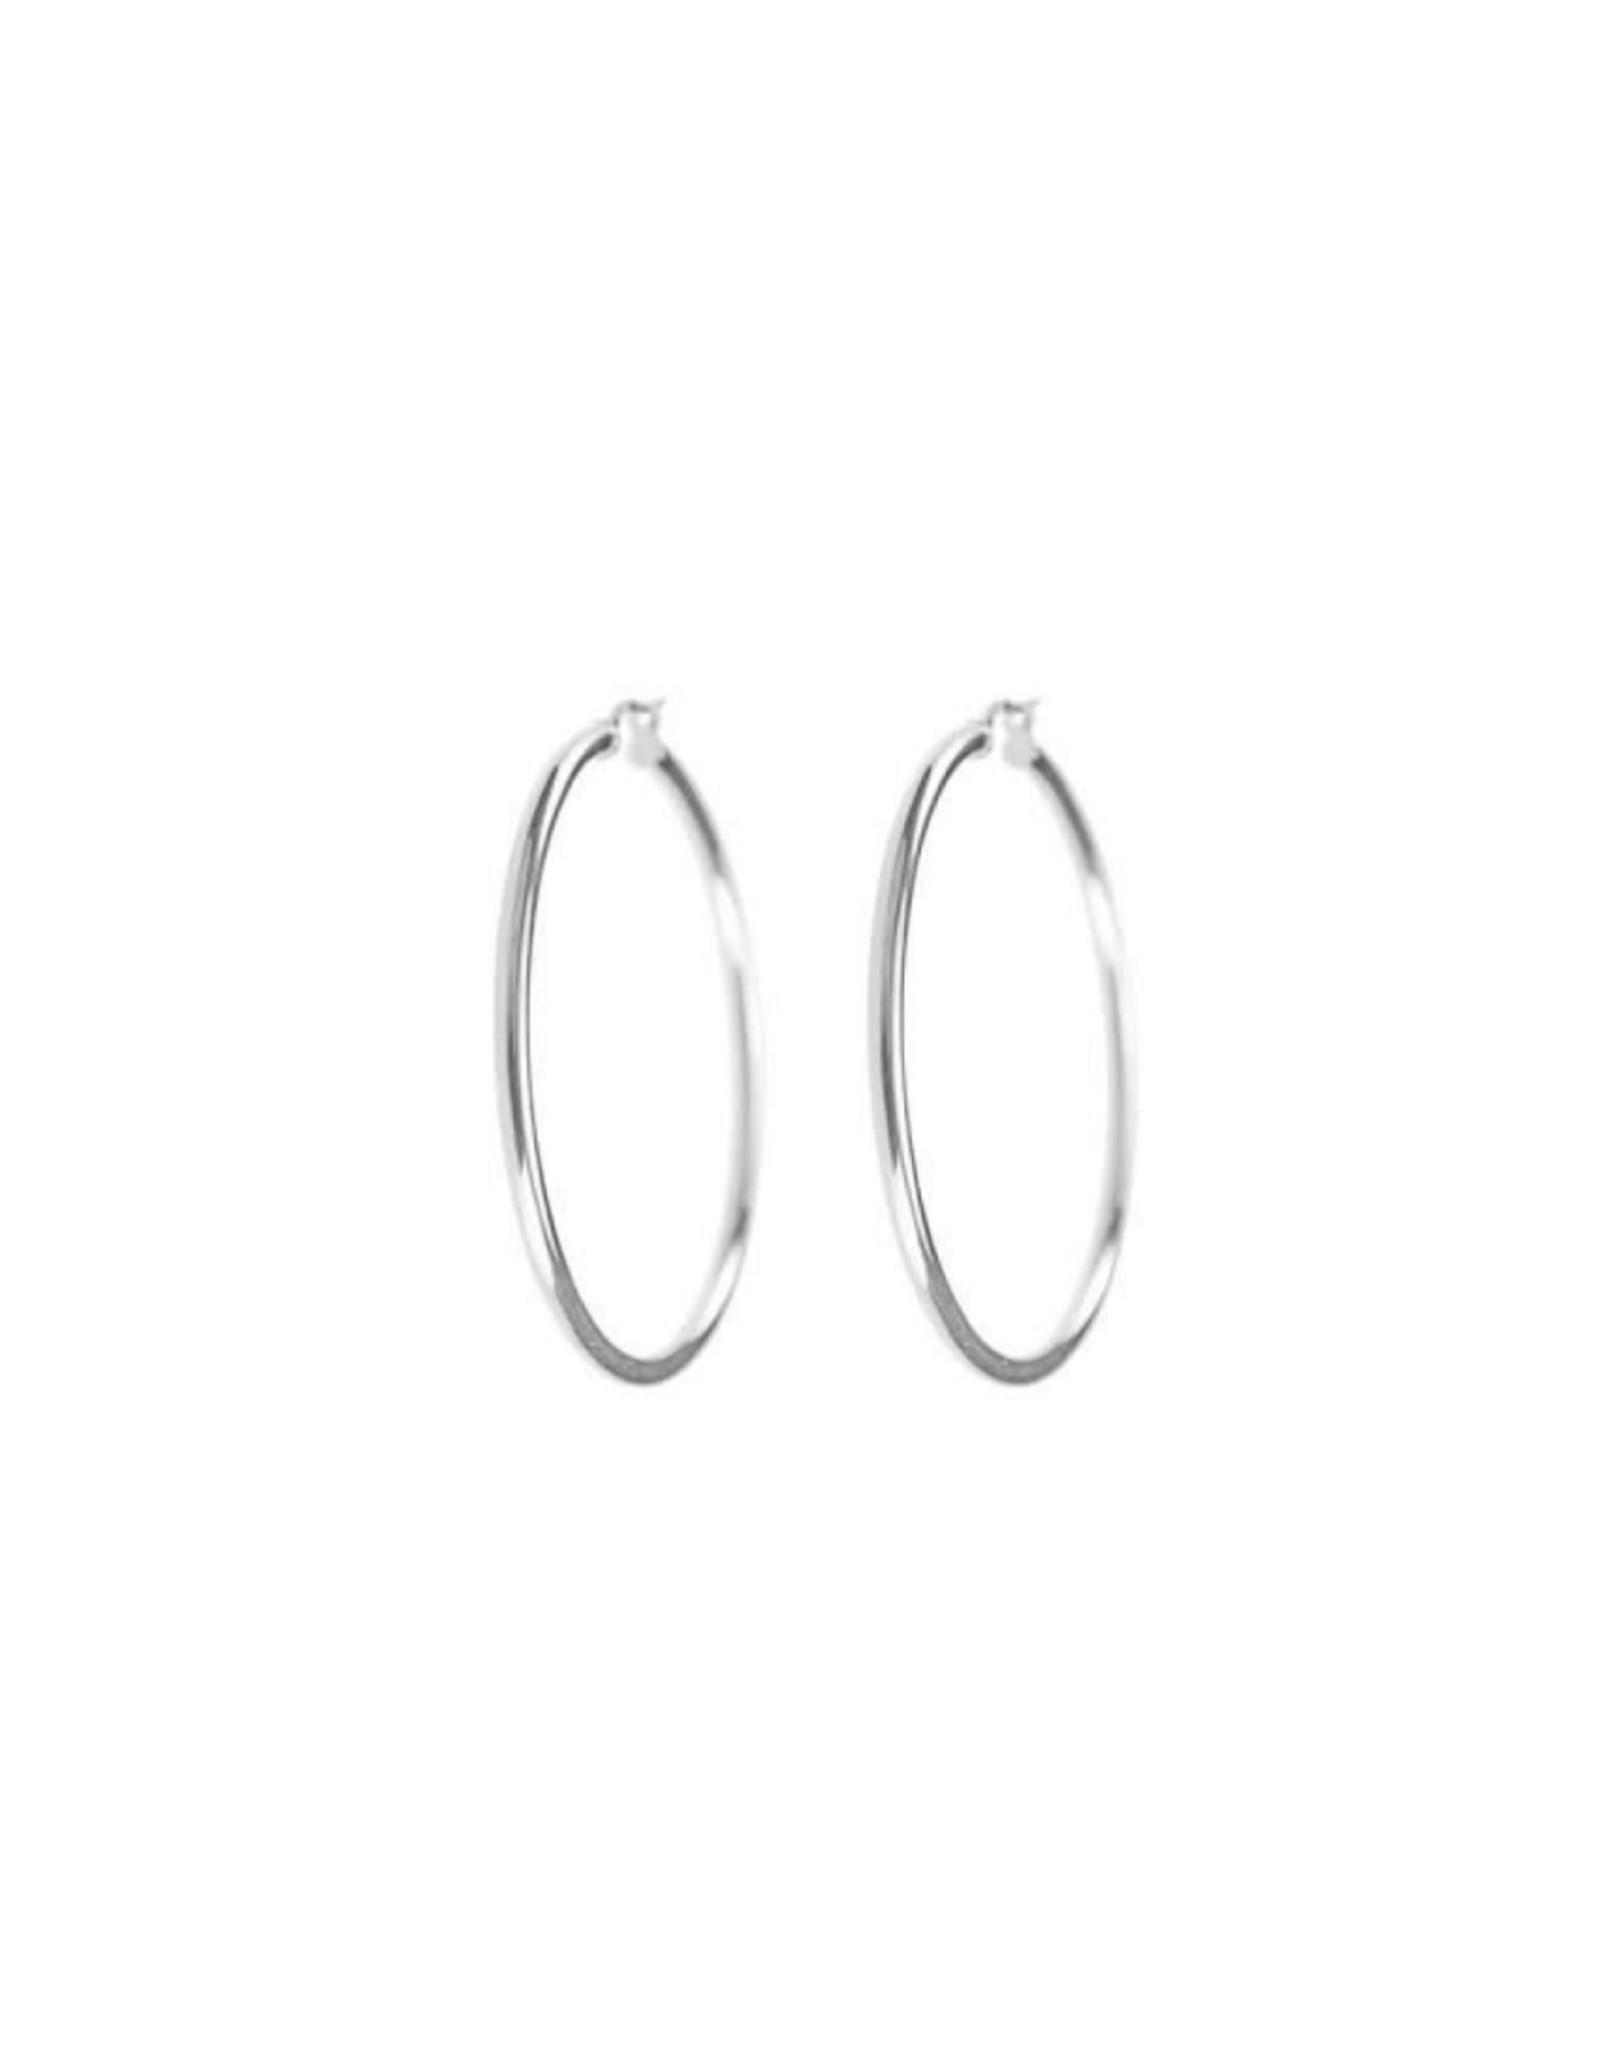 Boucles d'oreilles créoles Grandes Anneaux Or blanc 10K